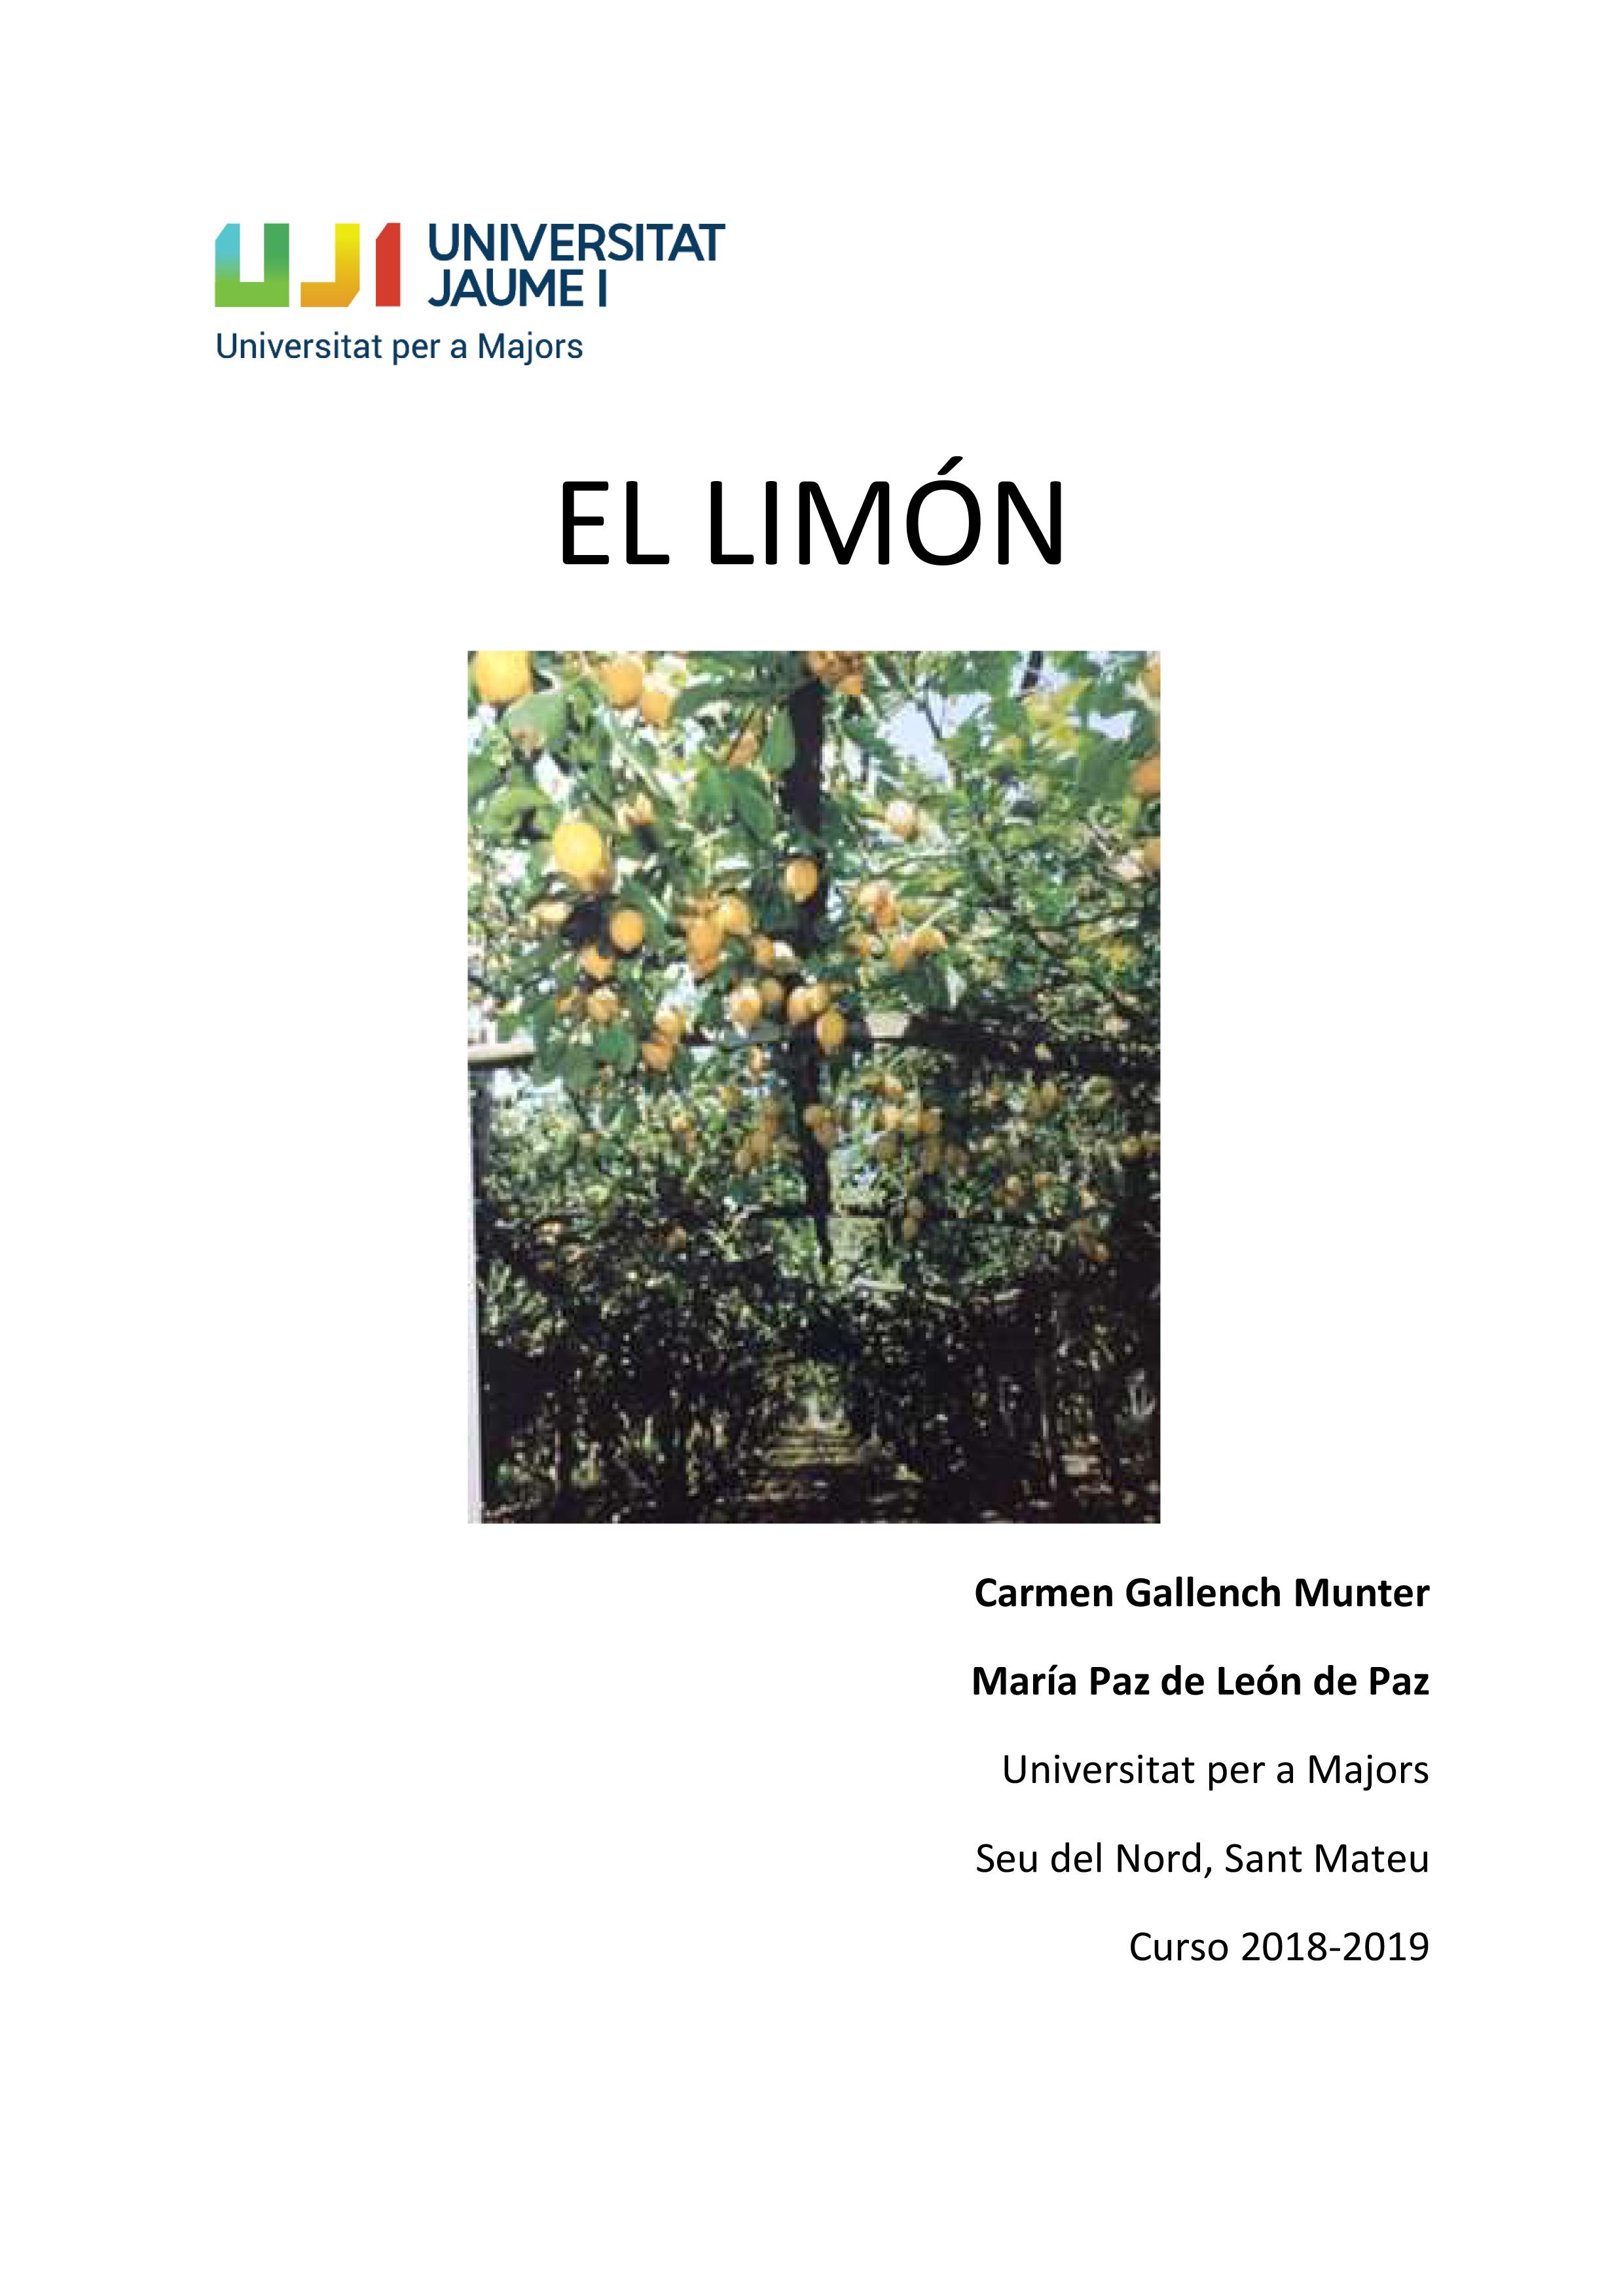 El-limón-Sant-Mateu